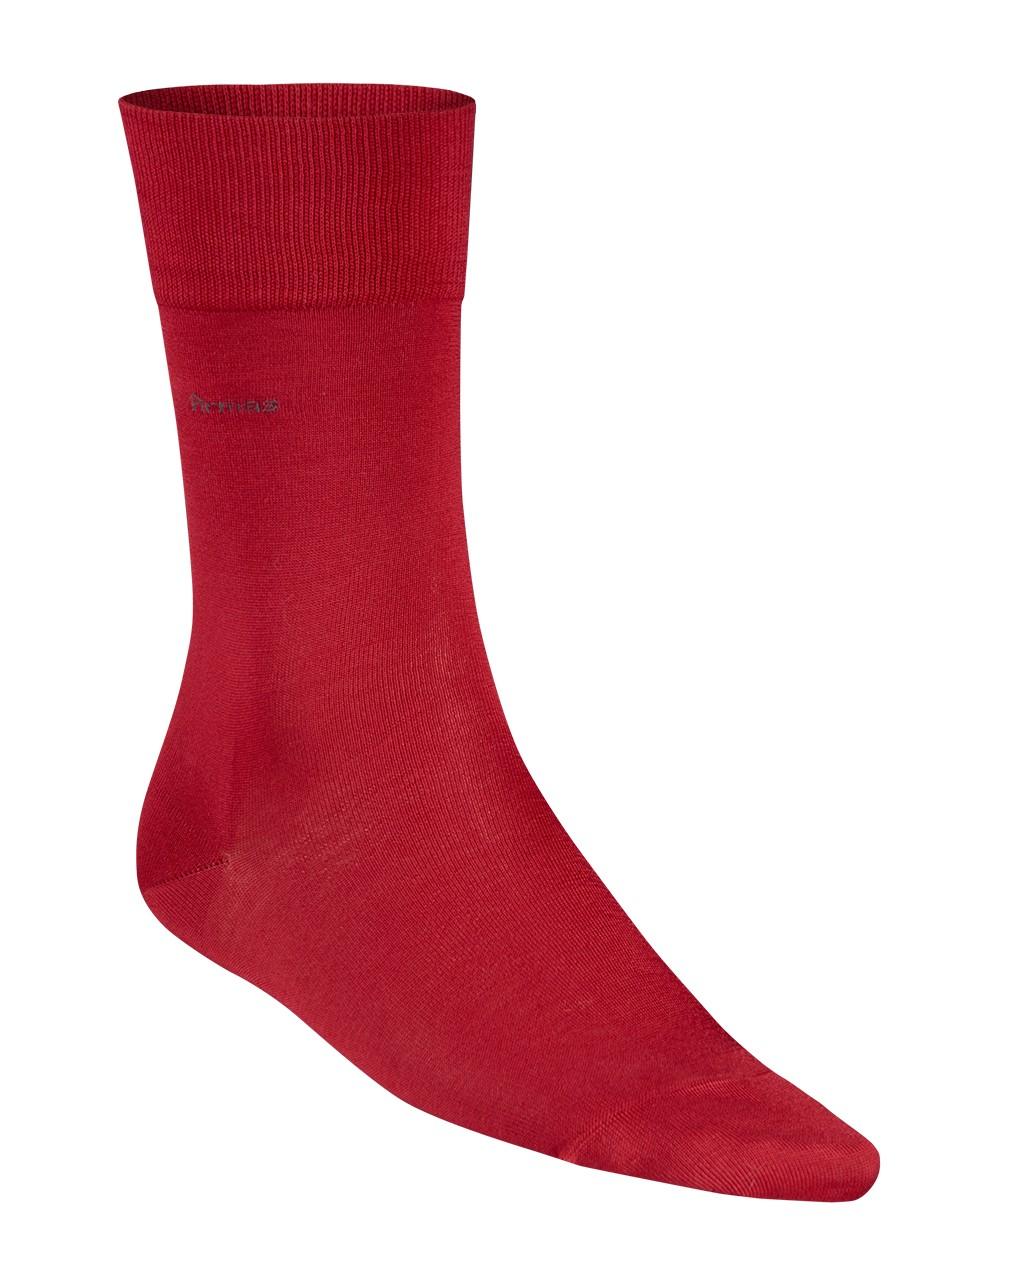 Socken Merceresiert